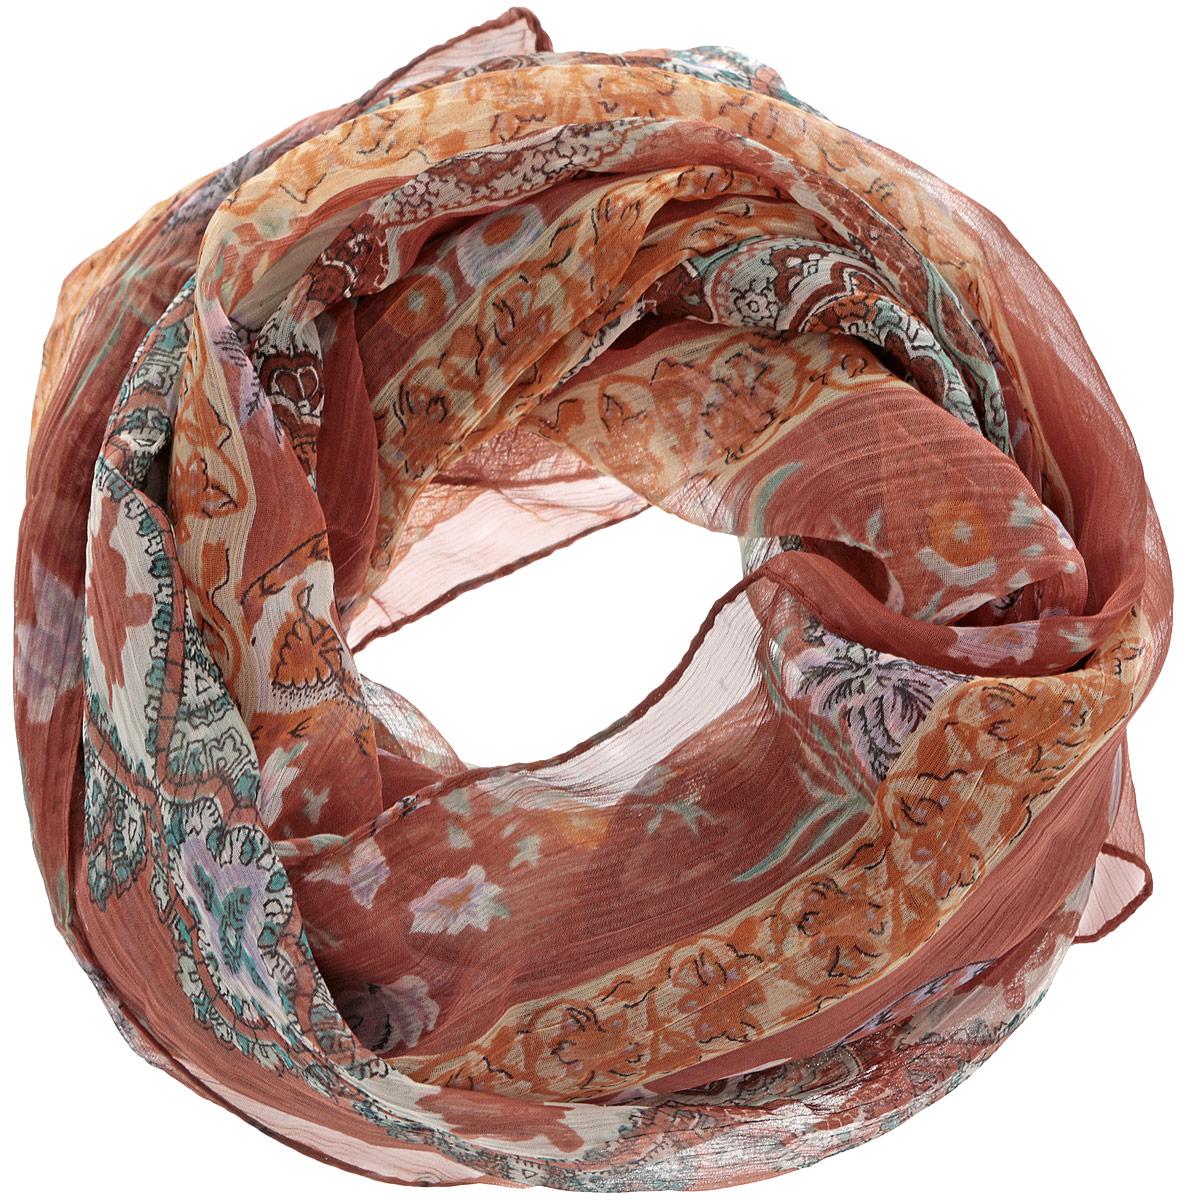 Шарф женский. 262040_орнамент262040Женский шарф Ethnica, изготовленный из 100% вискозы, подчеркнет вашу индивидуальность. Благодаря своему составу, он легкий, мягкий и приятный на ощупь. Изделие оформлено оригинальным орнаментом. Такой аксессуар станет стильным дополнением к гардеробу современной женщины.